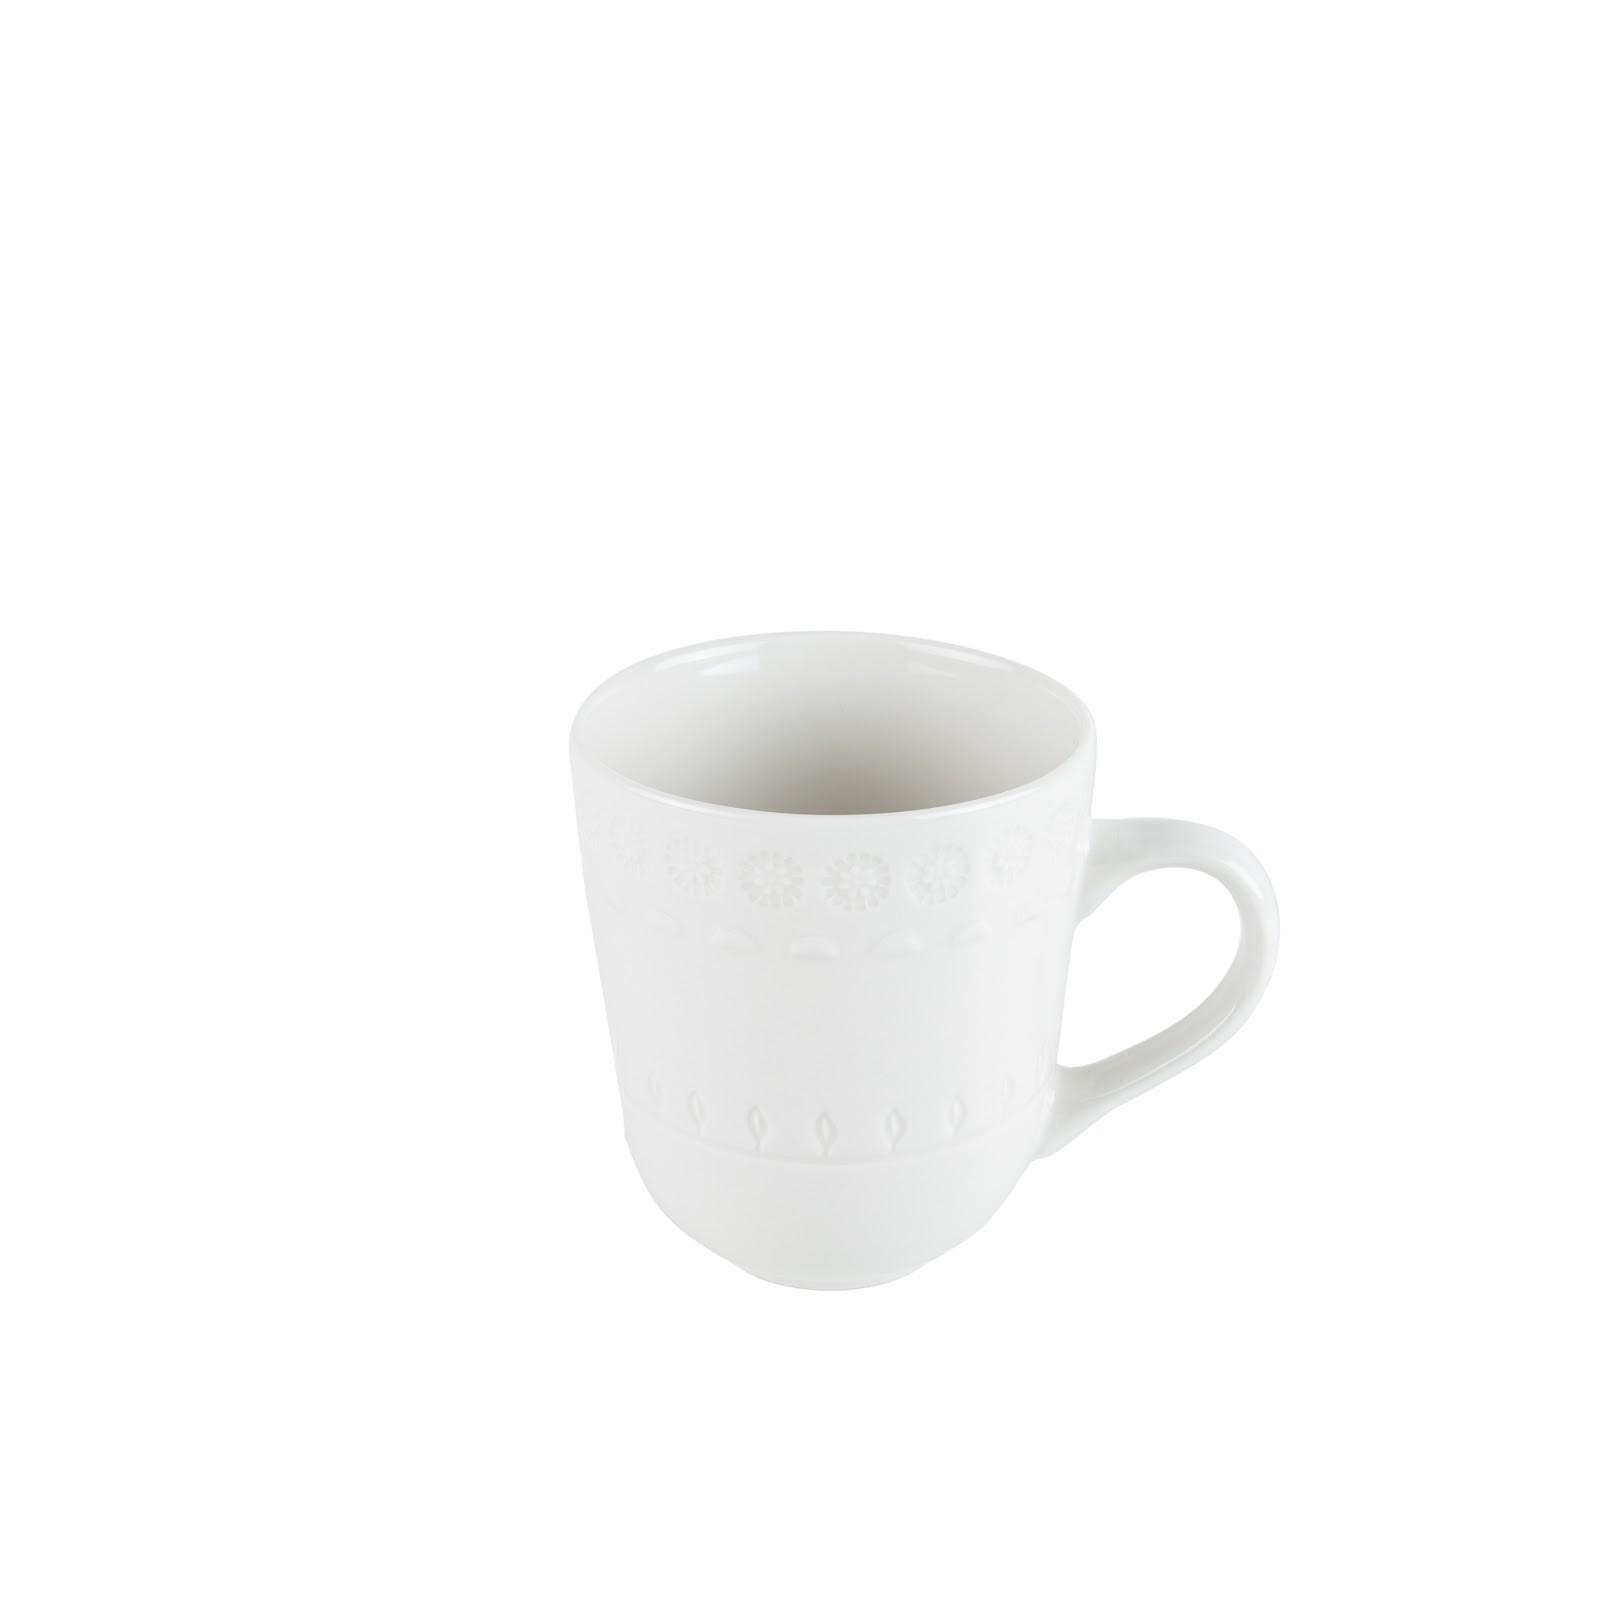 Caneca de Porcelana Grace Branco